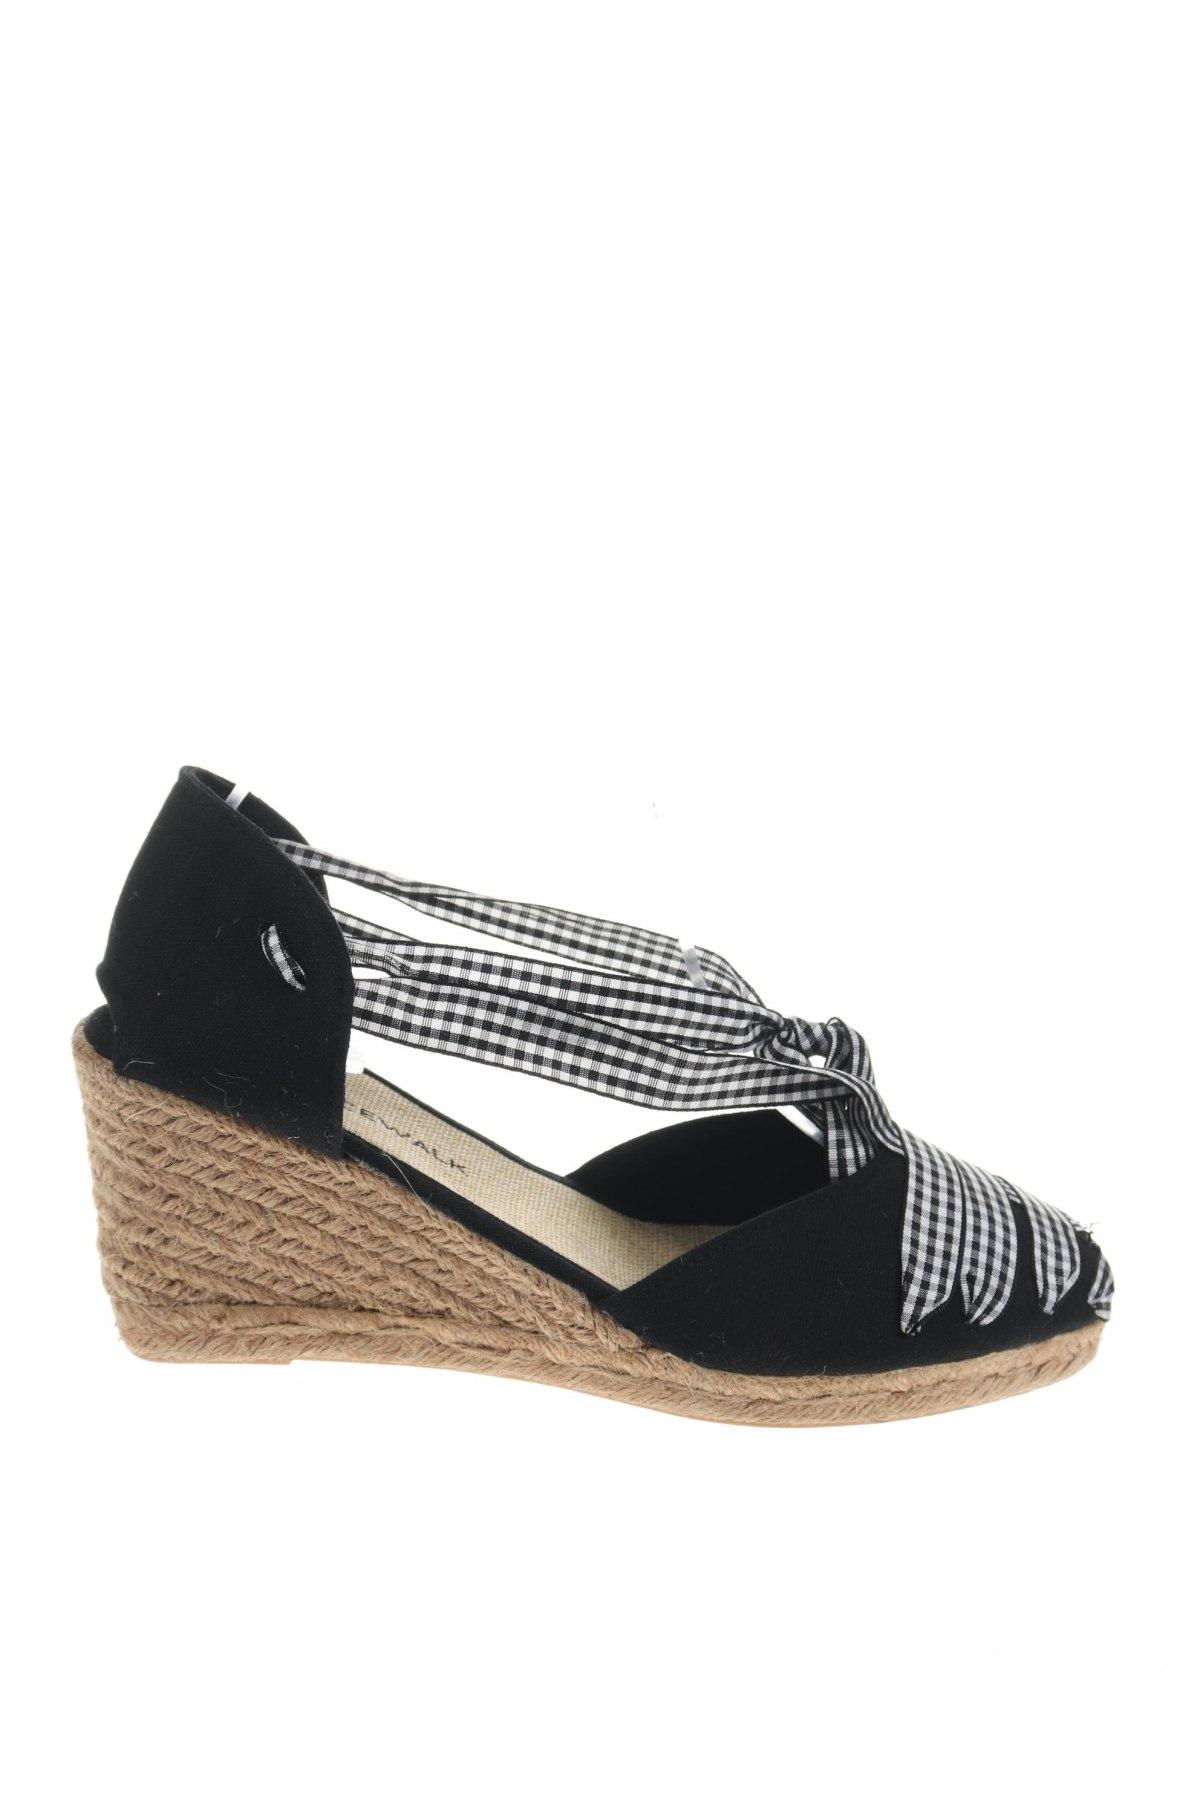 Εσπάδριλλες Nicewalk, Μέγεθος 39, Χρώμα Μαύρο, Κλωστοϋφαντουργικά προϊόντα, Τιμή 15,54€